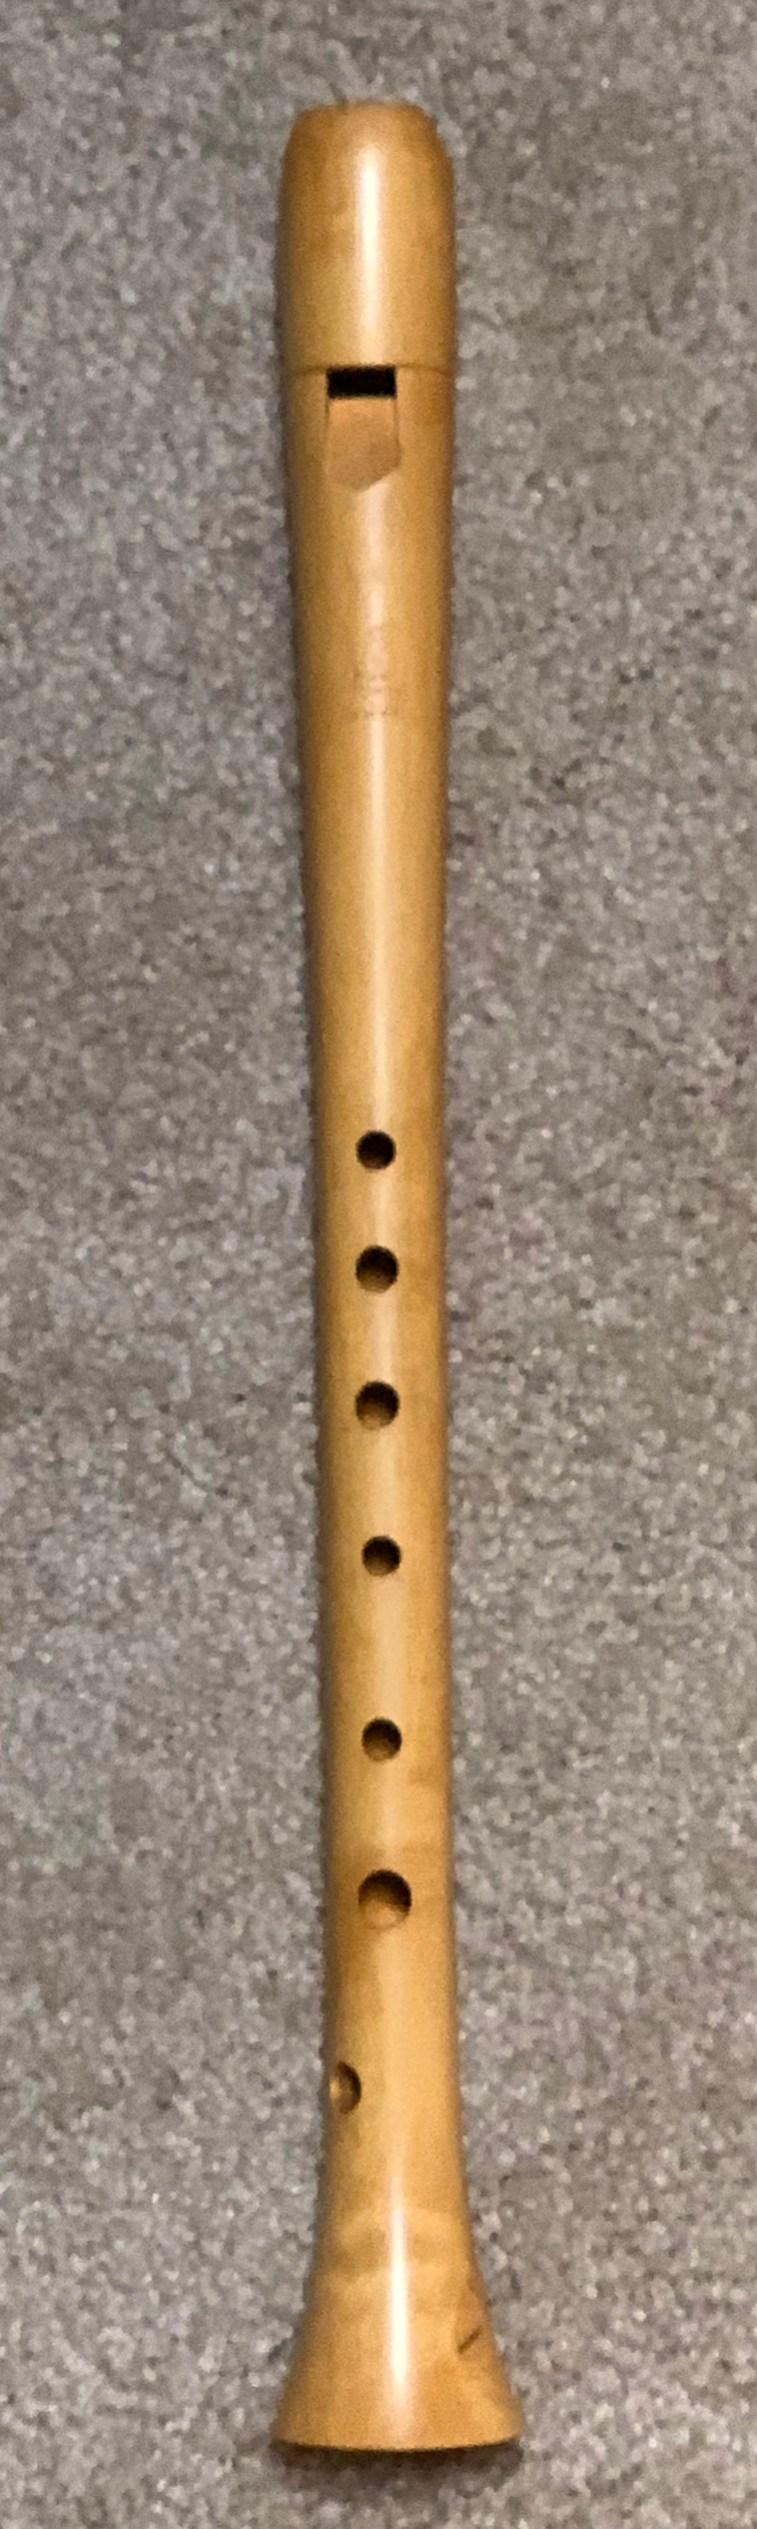 Philippe-Bolton-Haka-soprano-recorders-for-sale-com-01